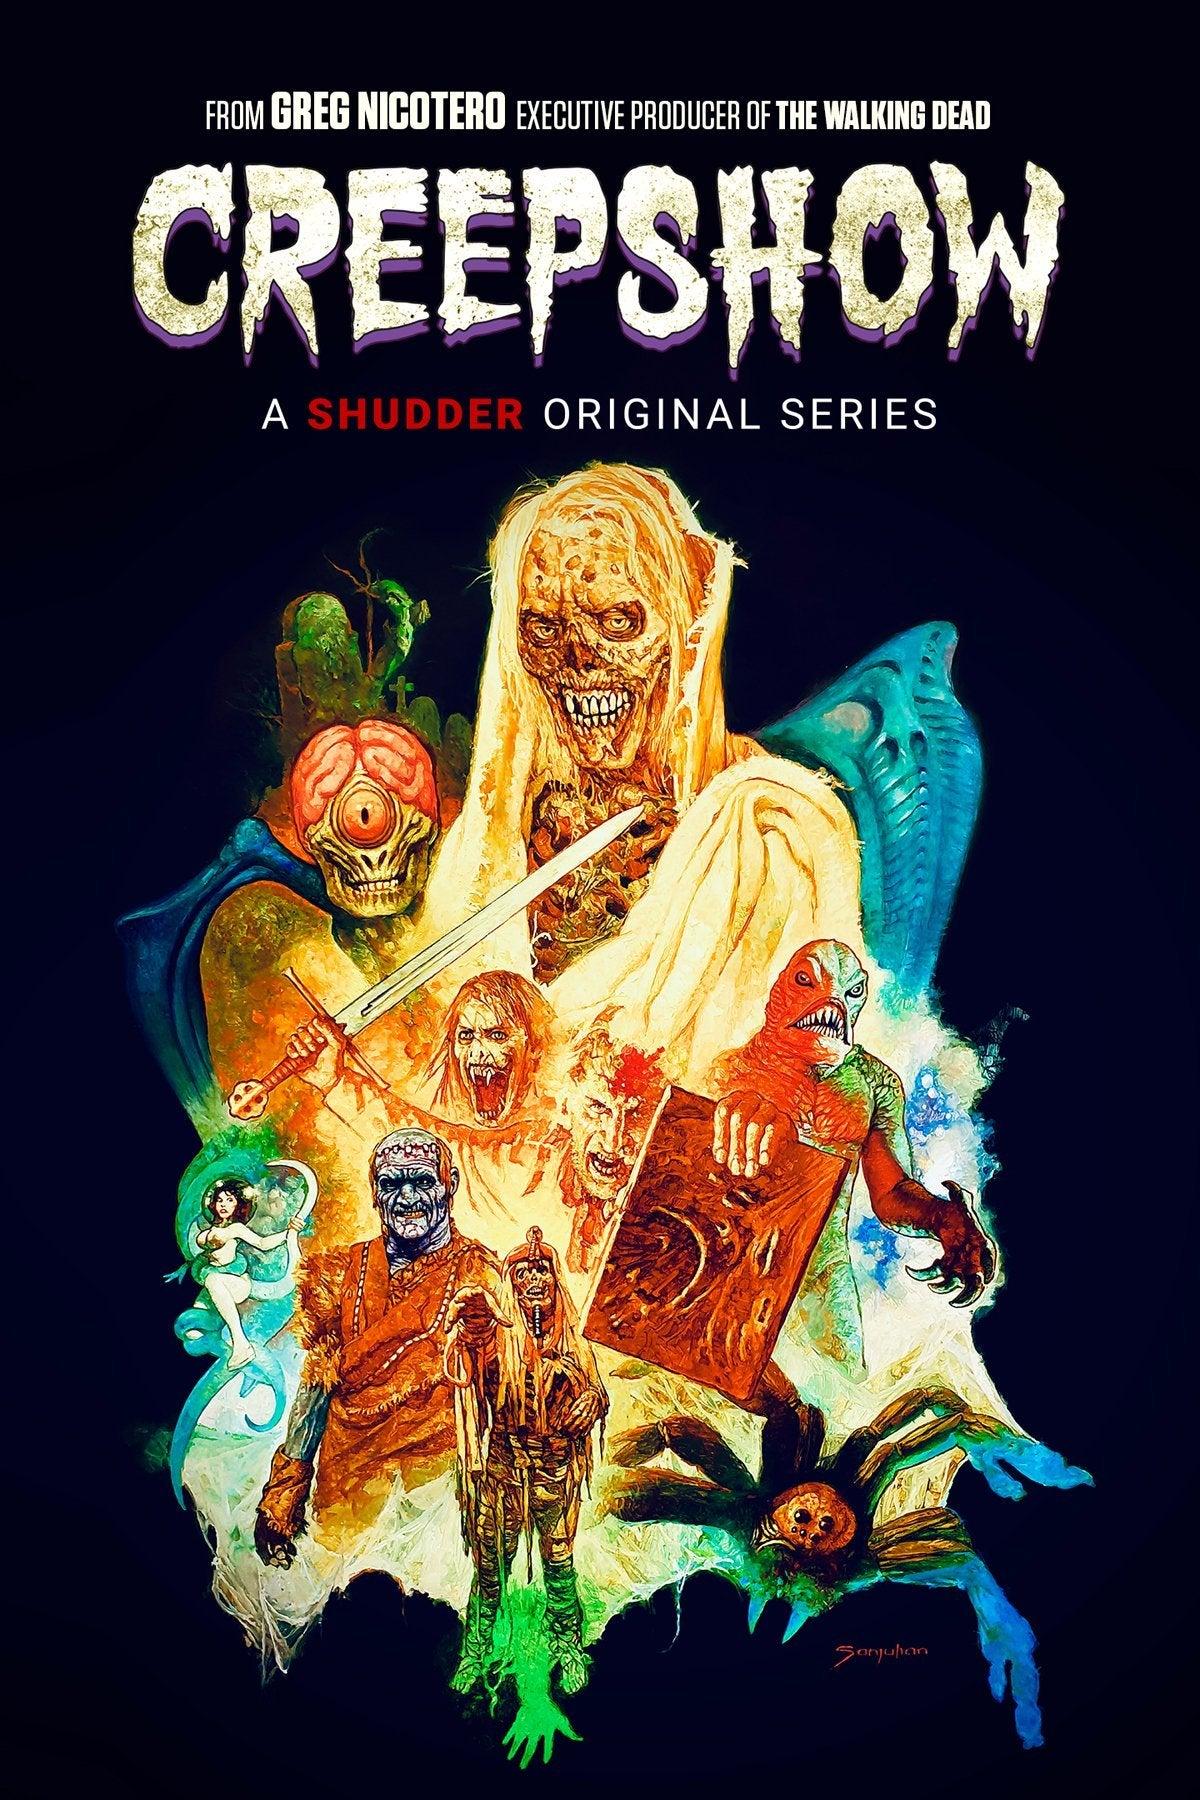 creepshow season 2 finale poster shudder